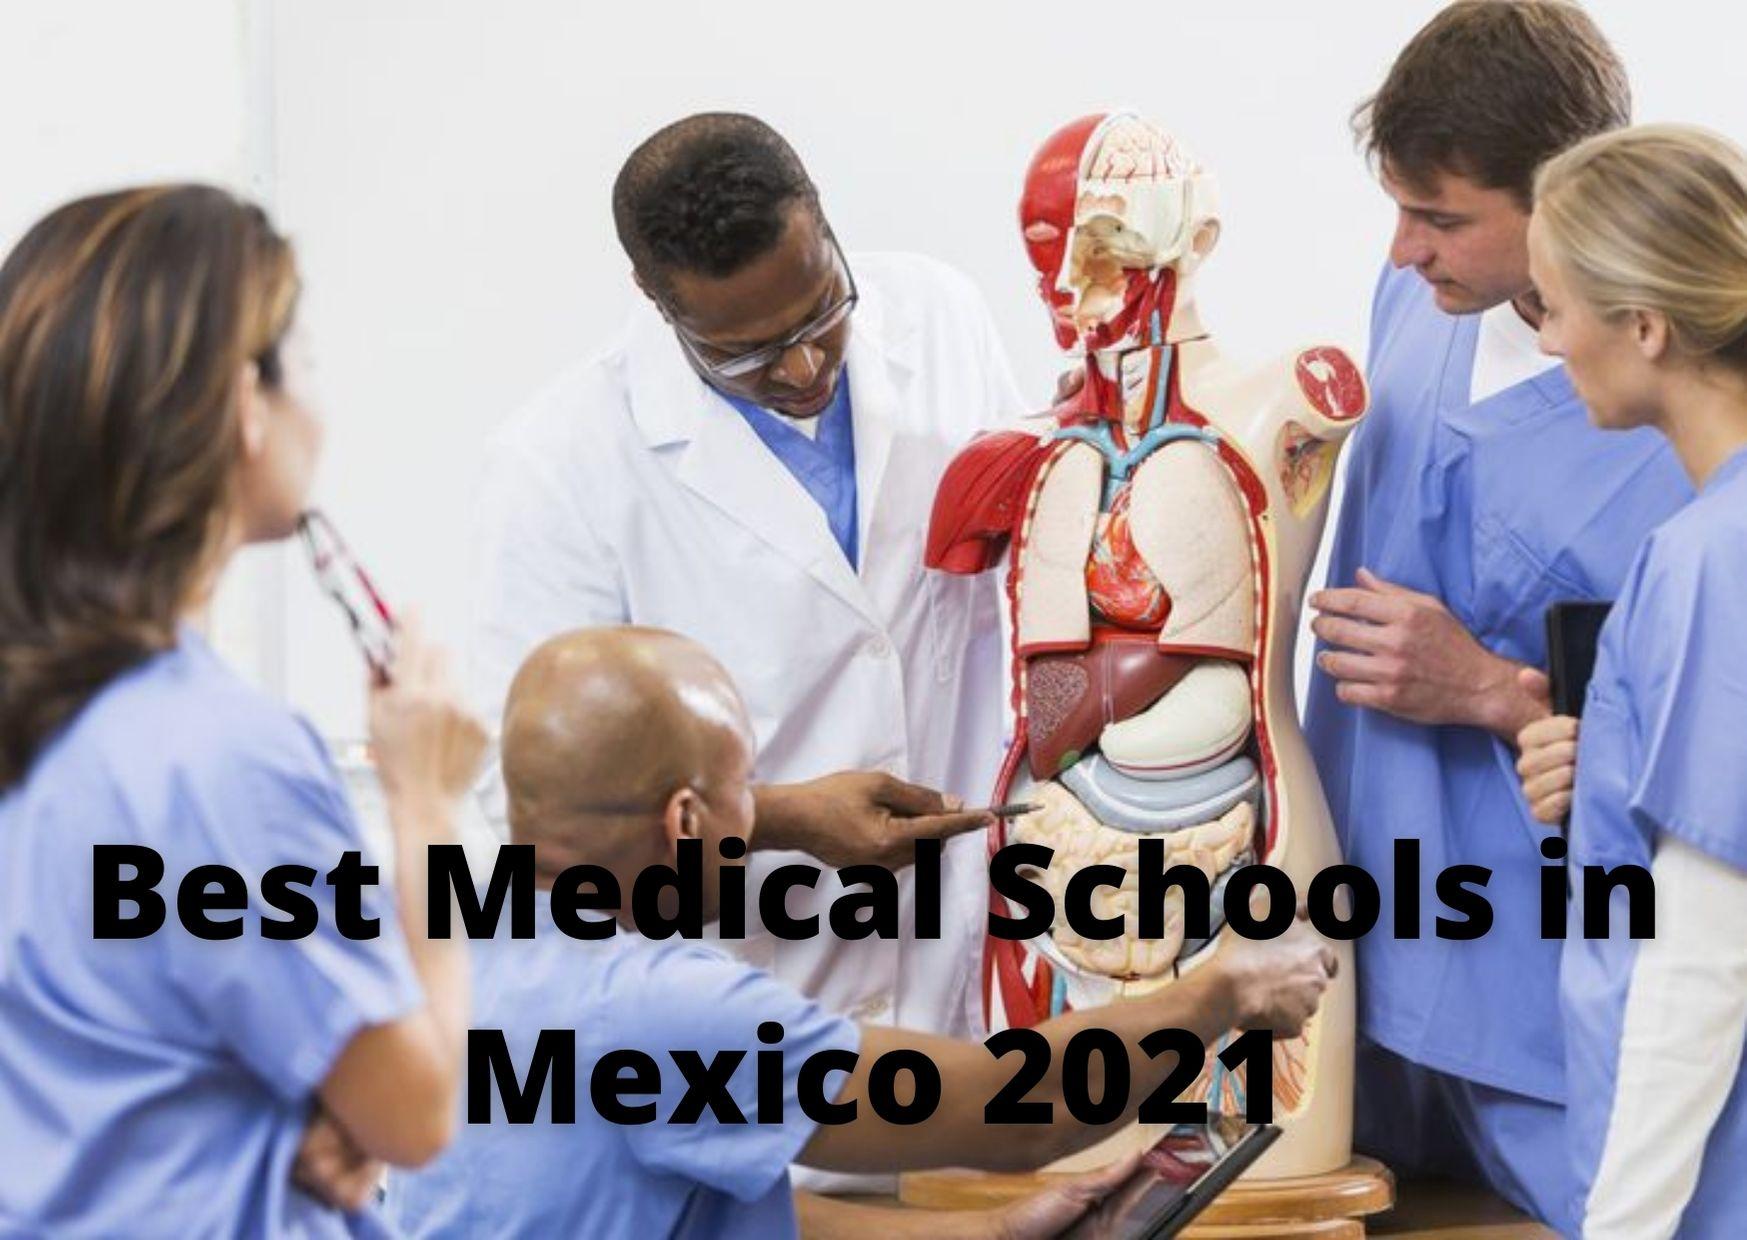 Beste mediese skole in Mexiko 2021